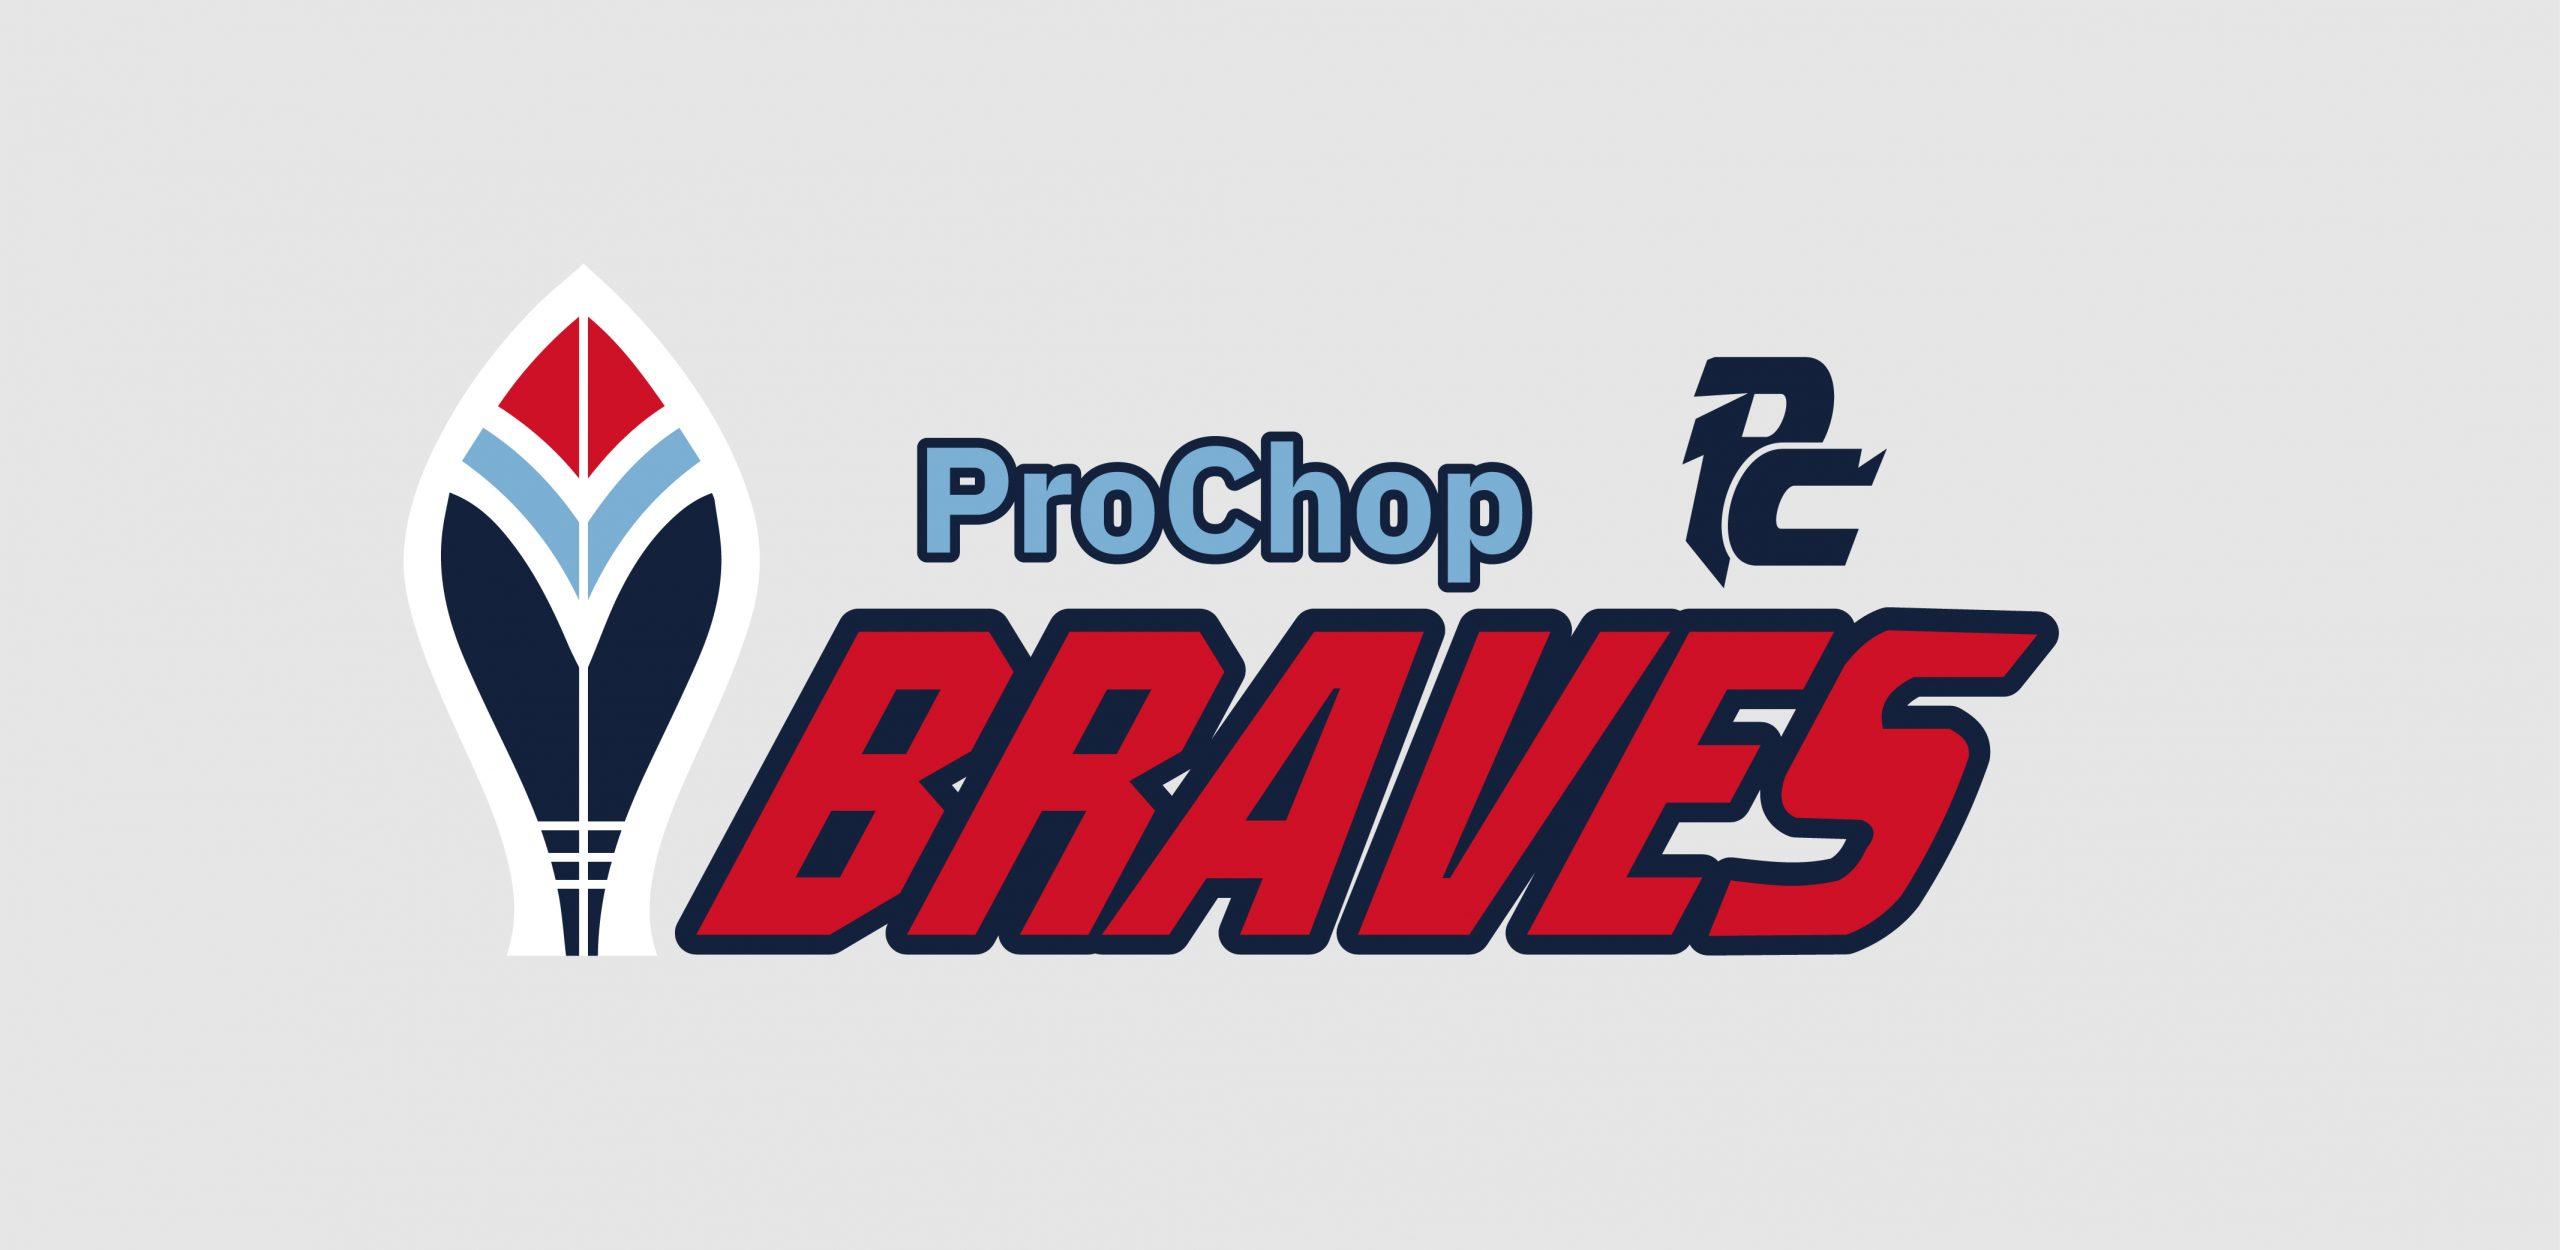 ProChop Braves Scout Team